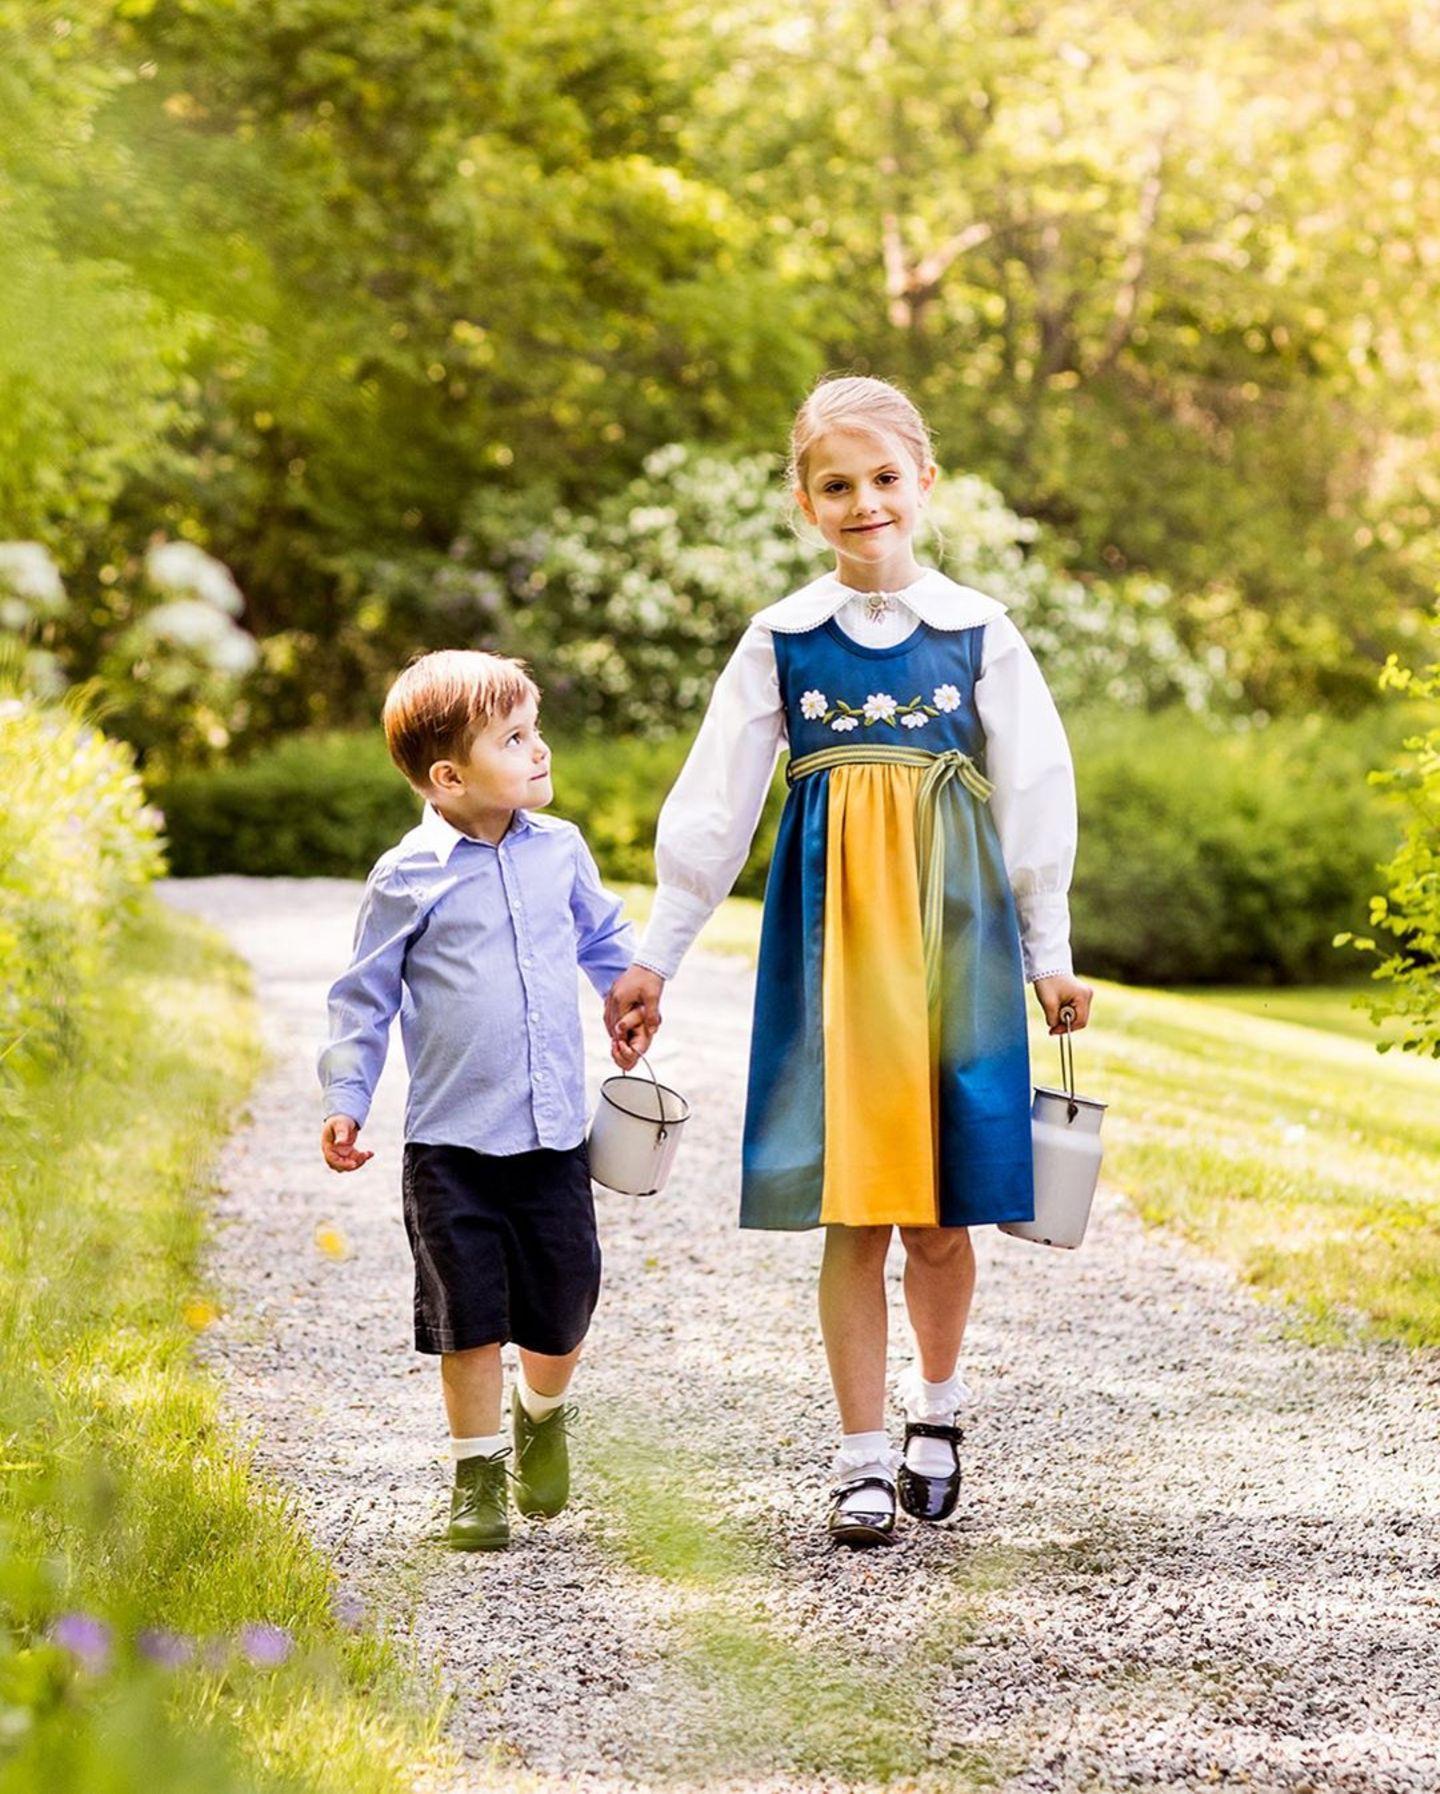 6. Juni 2019  Prinzessin Estelle nimmt Oscar an die Hand. Der kleine Knirps schaut bewundernd seine große Schwester an.